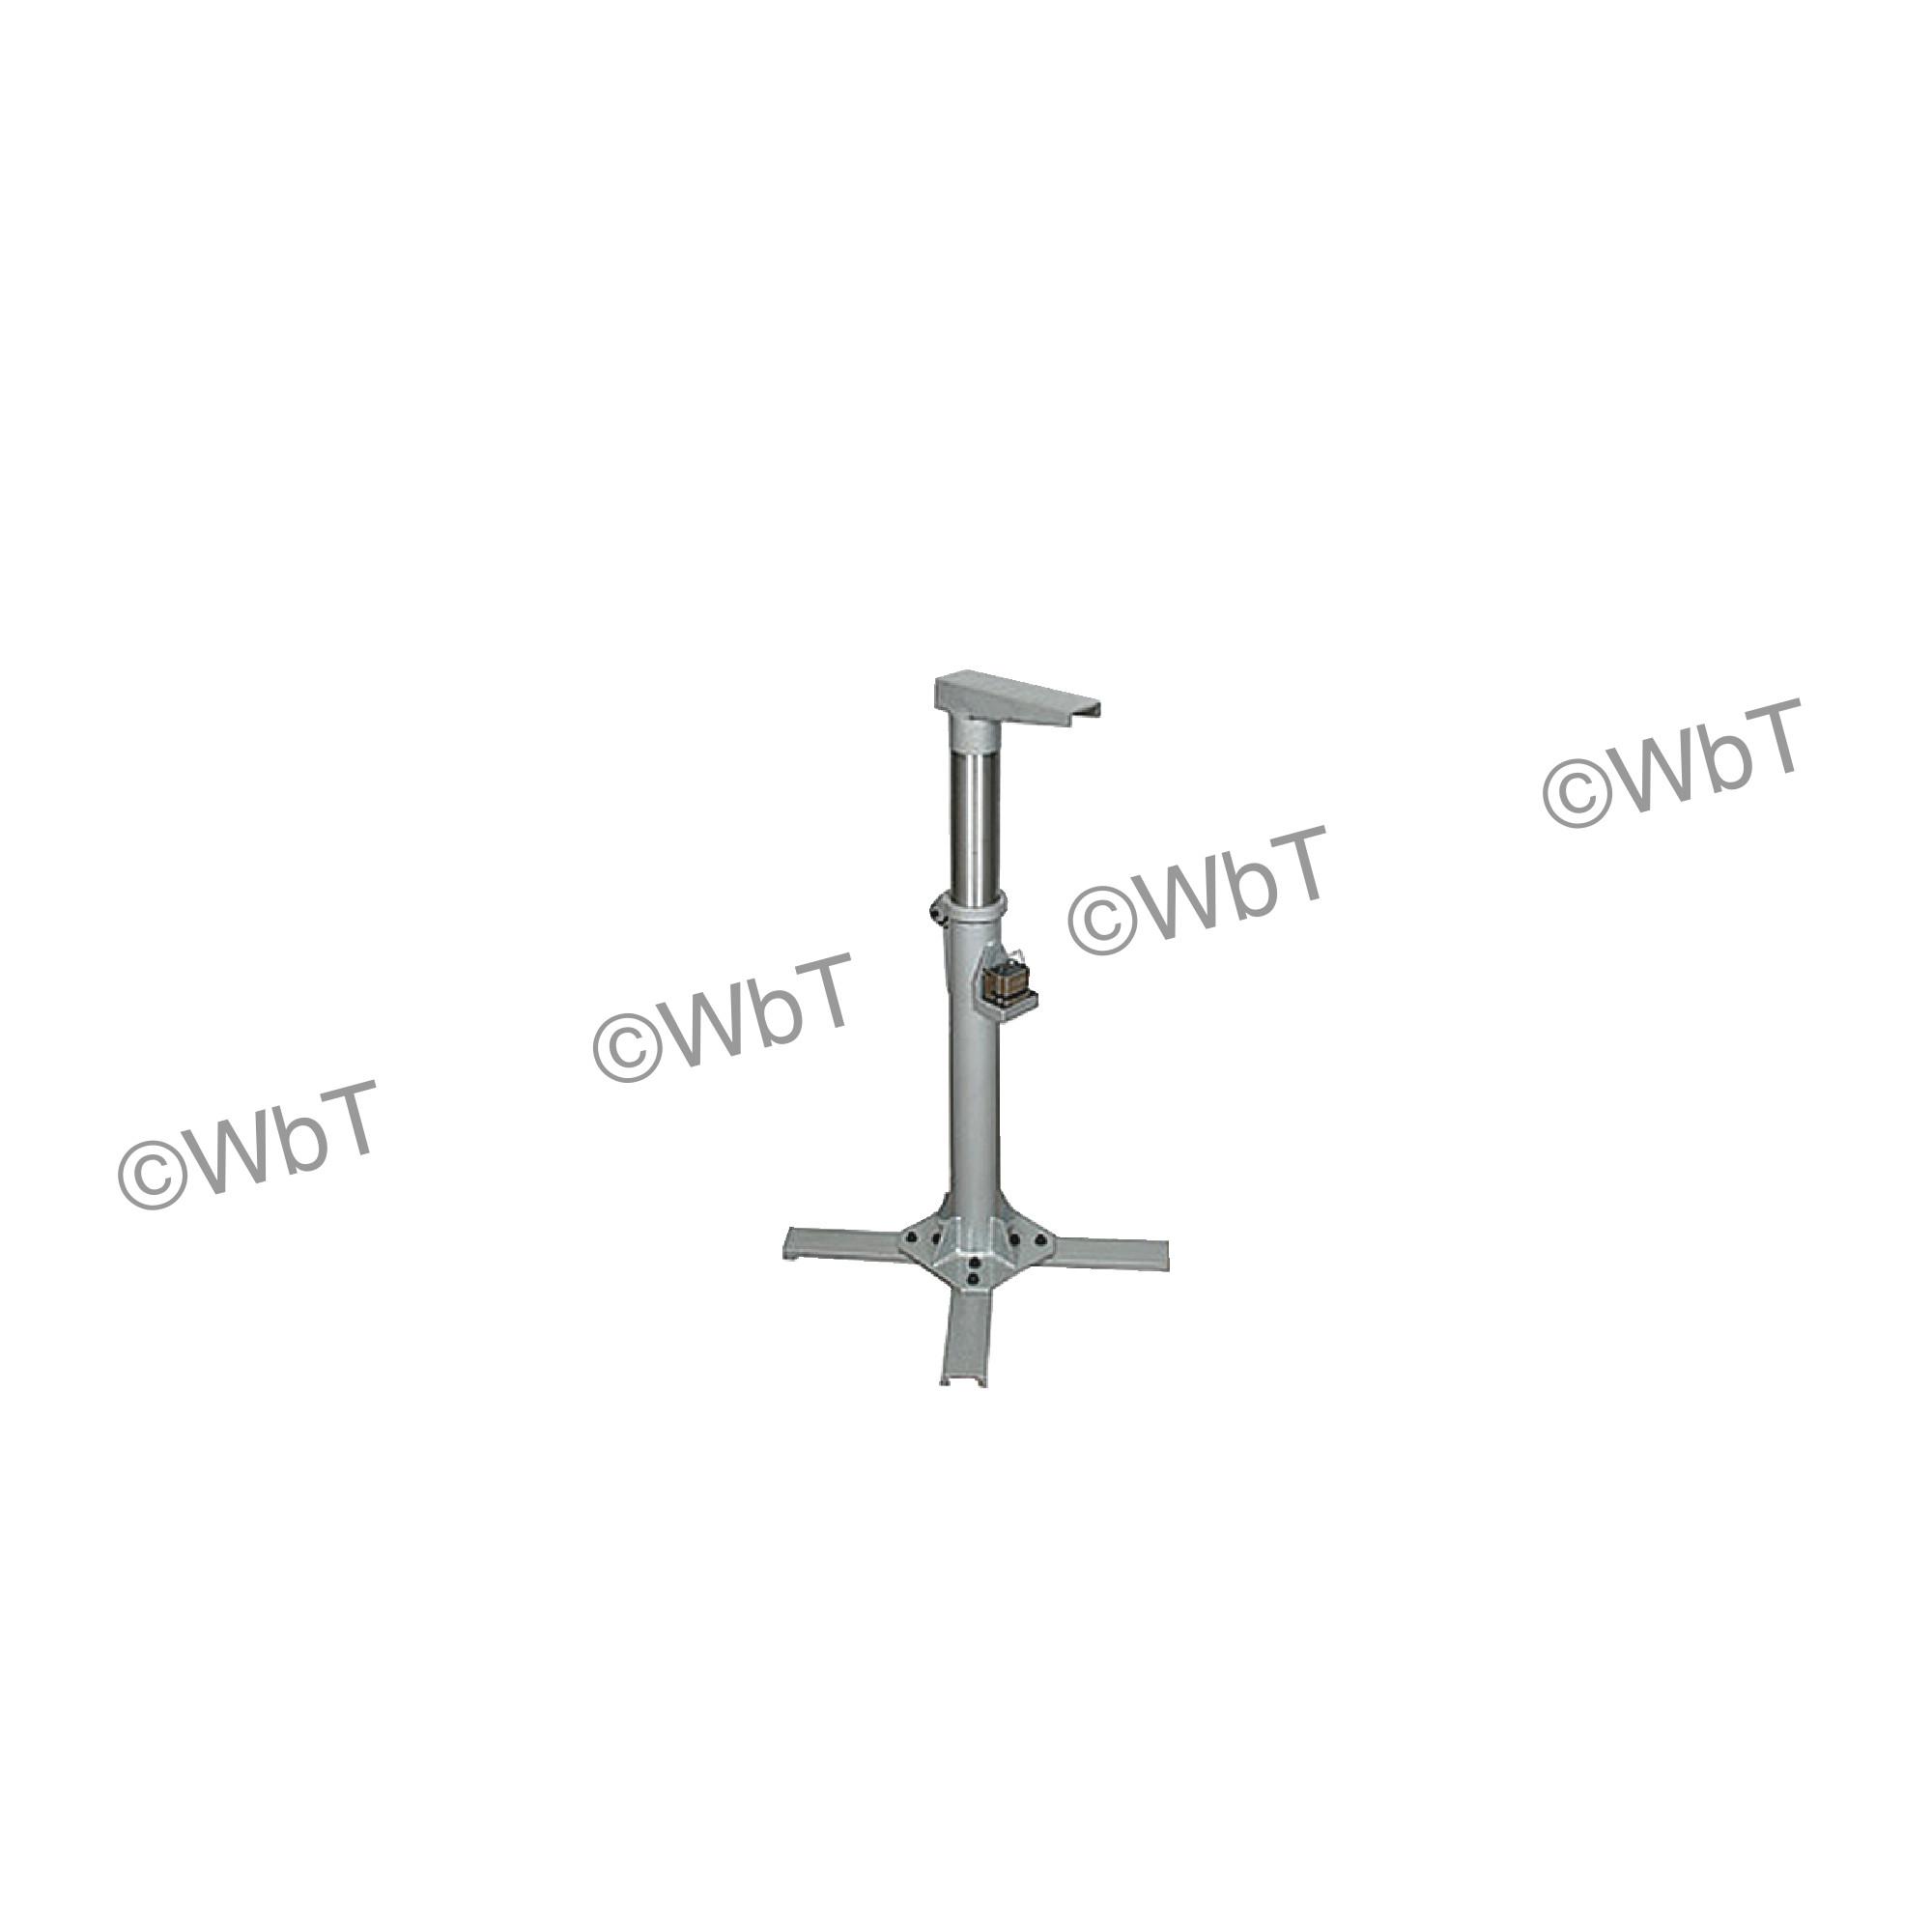 Shrinker-Stretcher Adjustable Height Stand